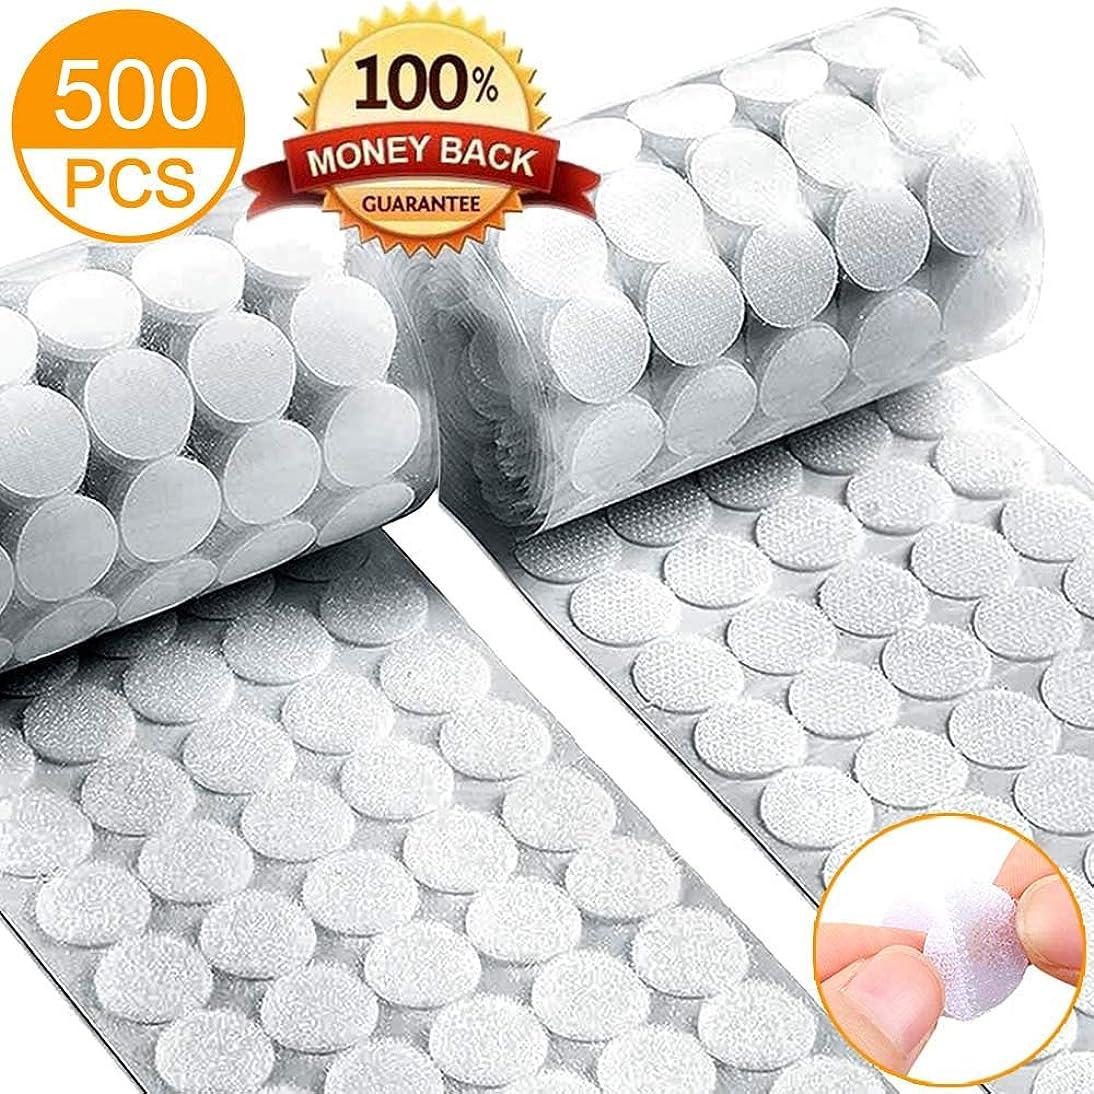 Self Adhesive Dots, Strong Adhesive 1000pcs(500 Pairs) 3/4